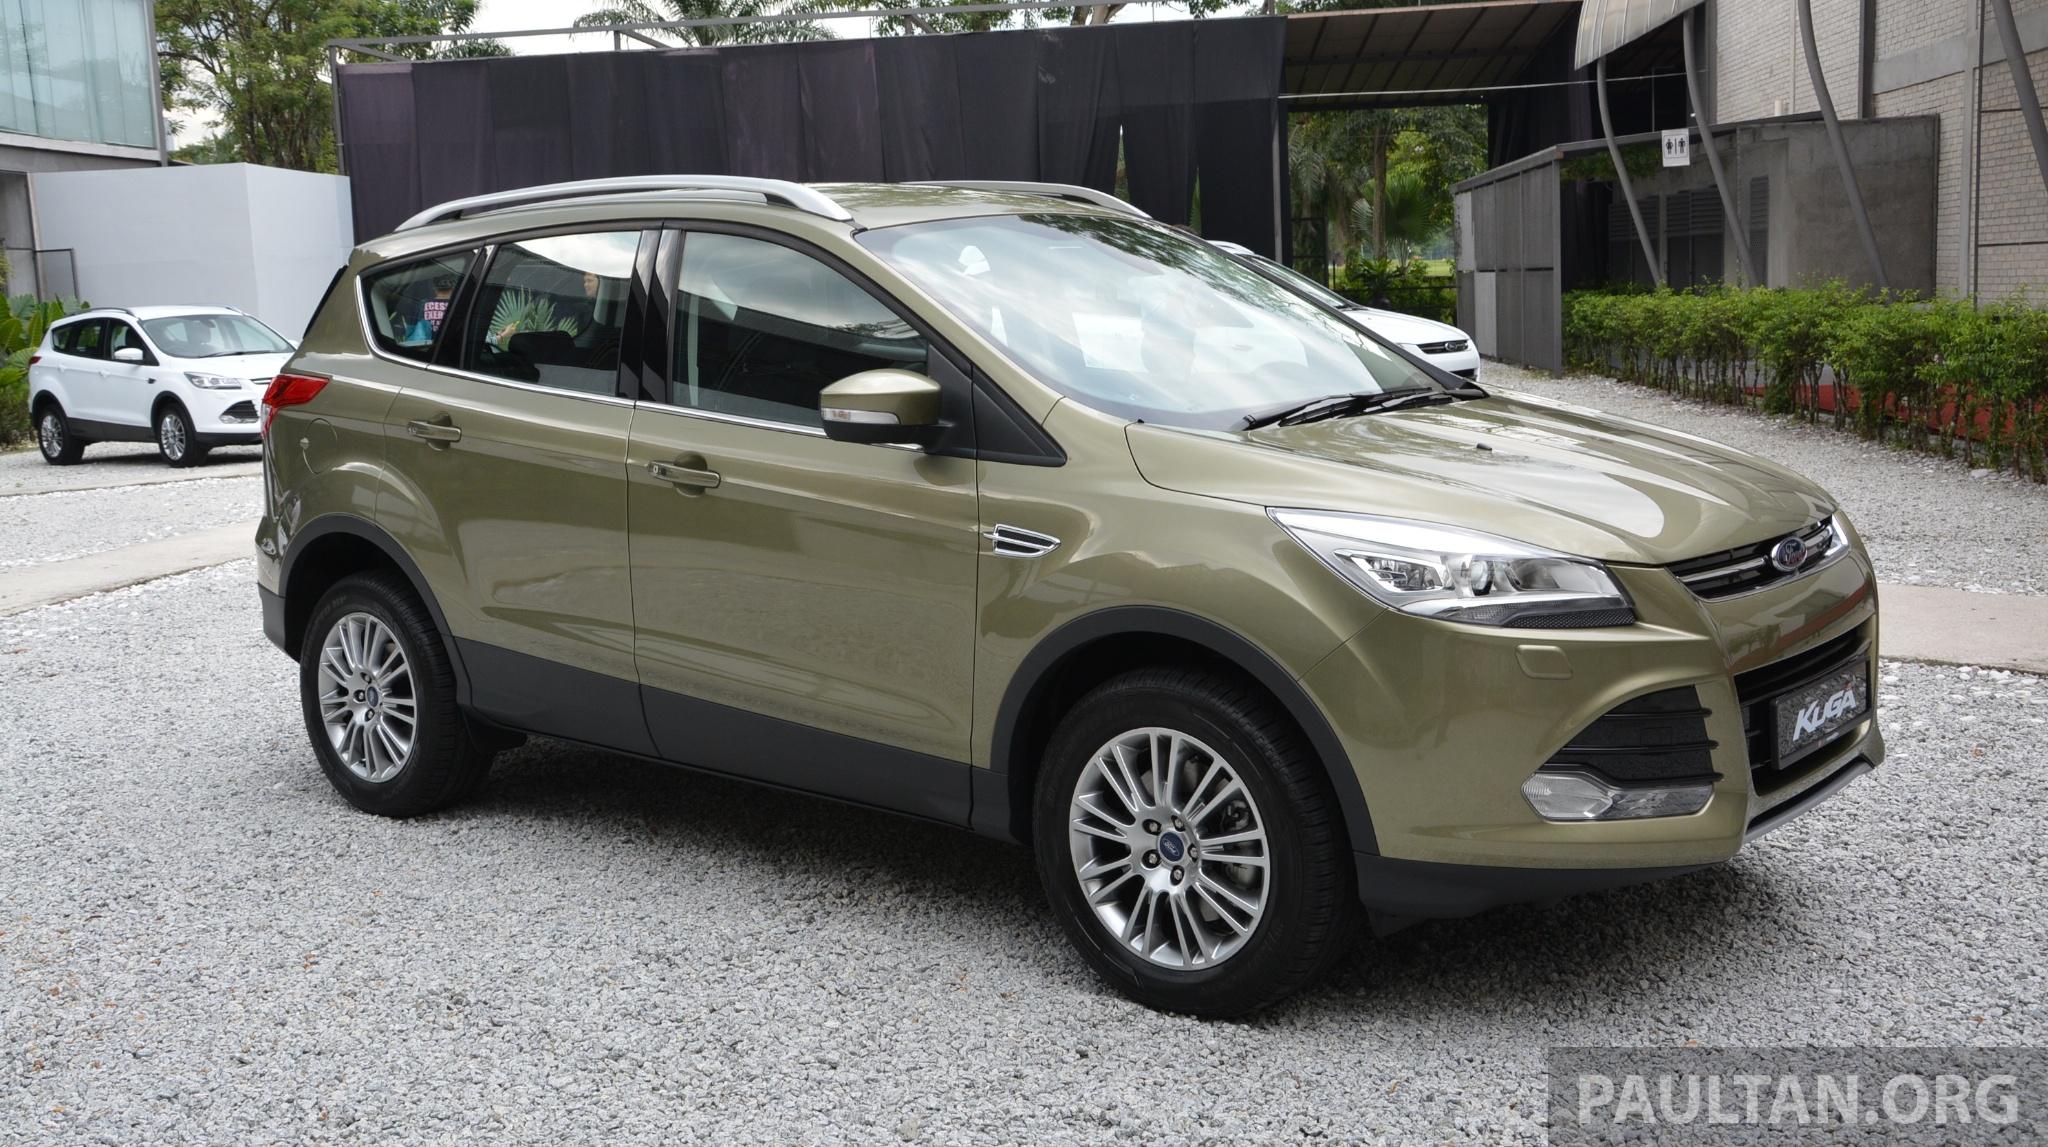 Image Result For Ford Kuga Ecoboost